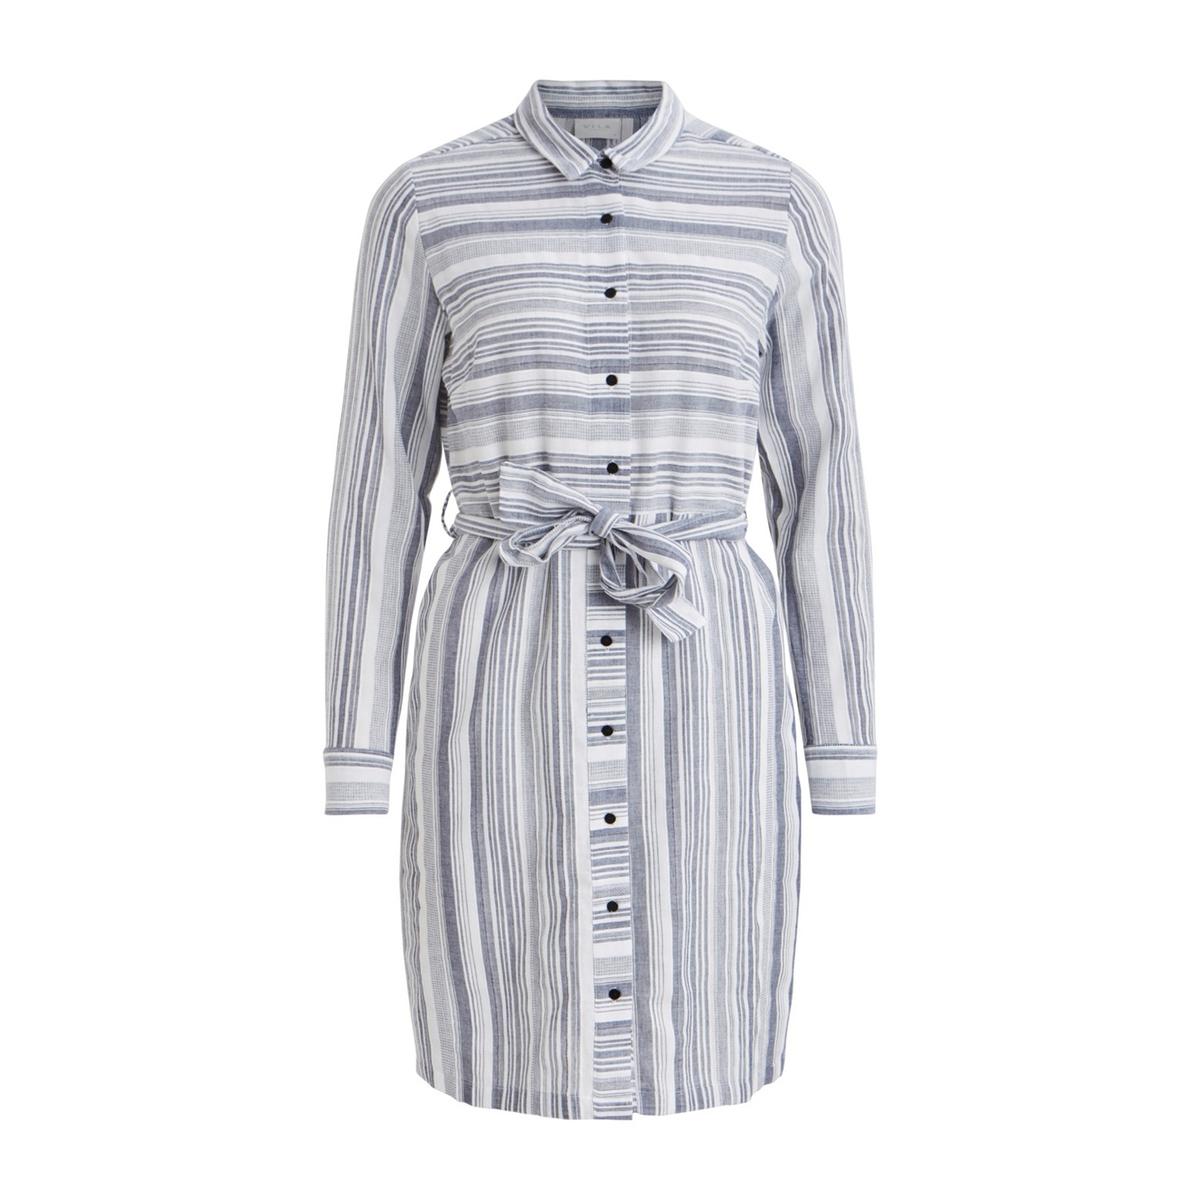 Платье La Redoute Прямое в полоску средней длины на пуговицах 36 (FR) - 42 (RUS) синий платье la redoute прямое с принтом до колен 48 fr 54 rus черный